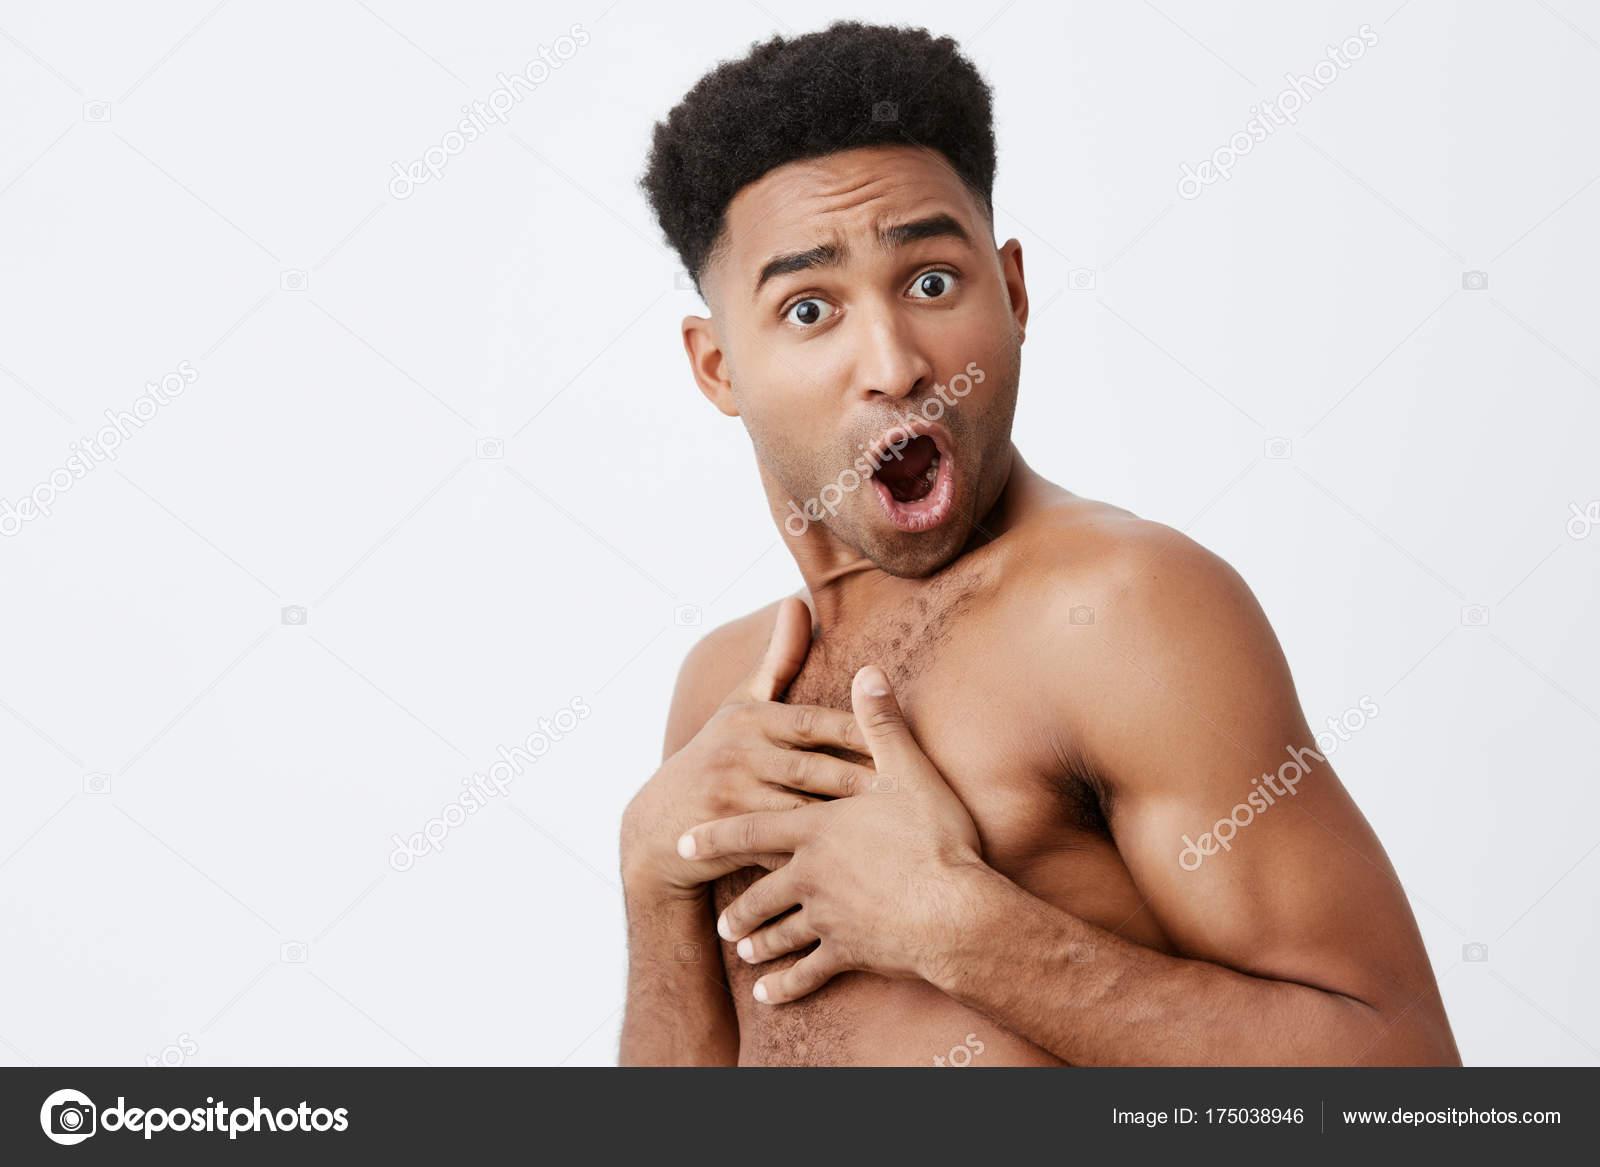 Pics Of nude bikini